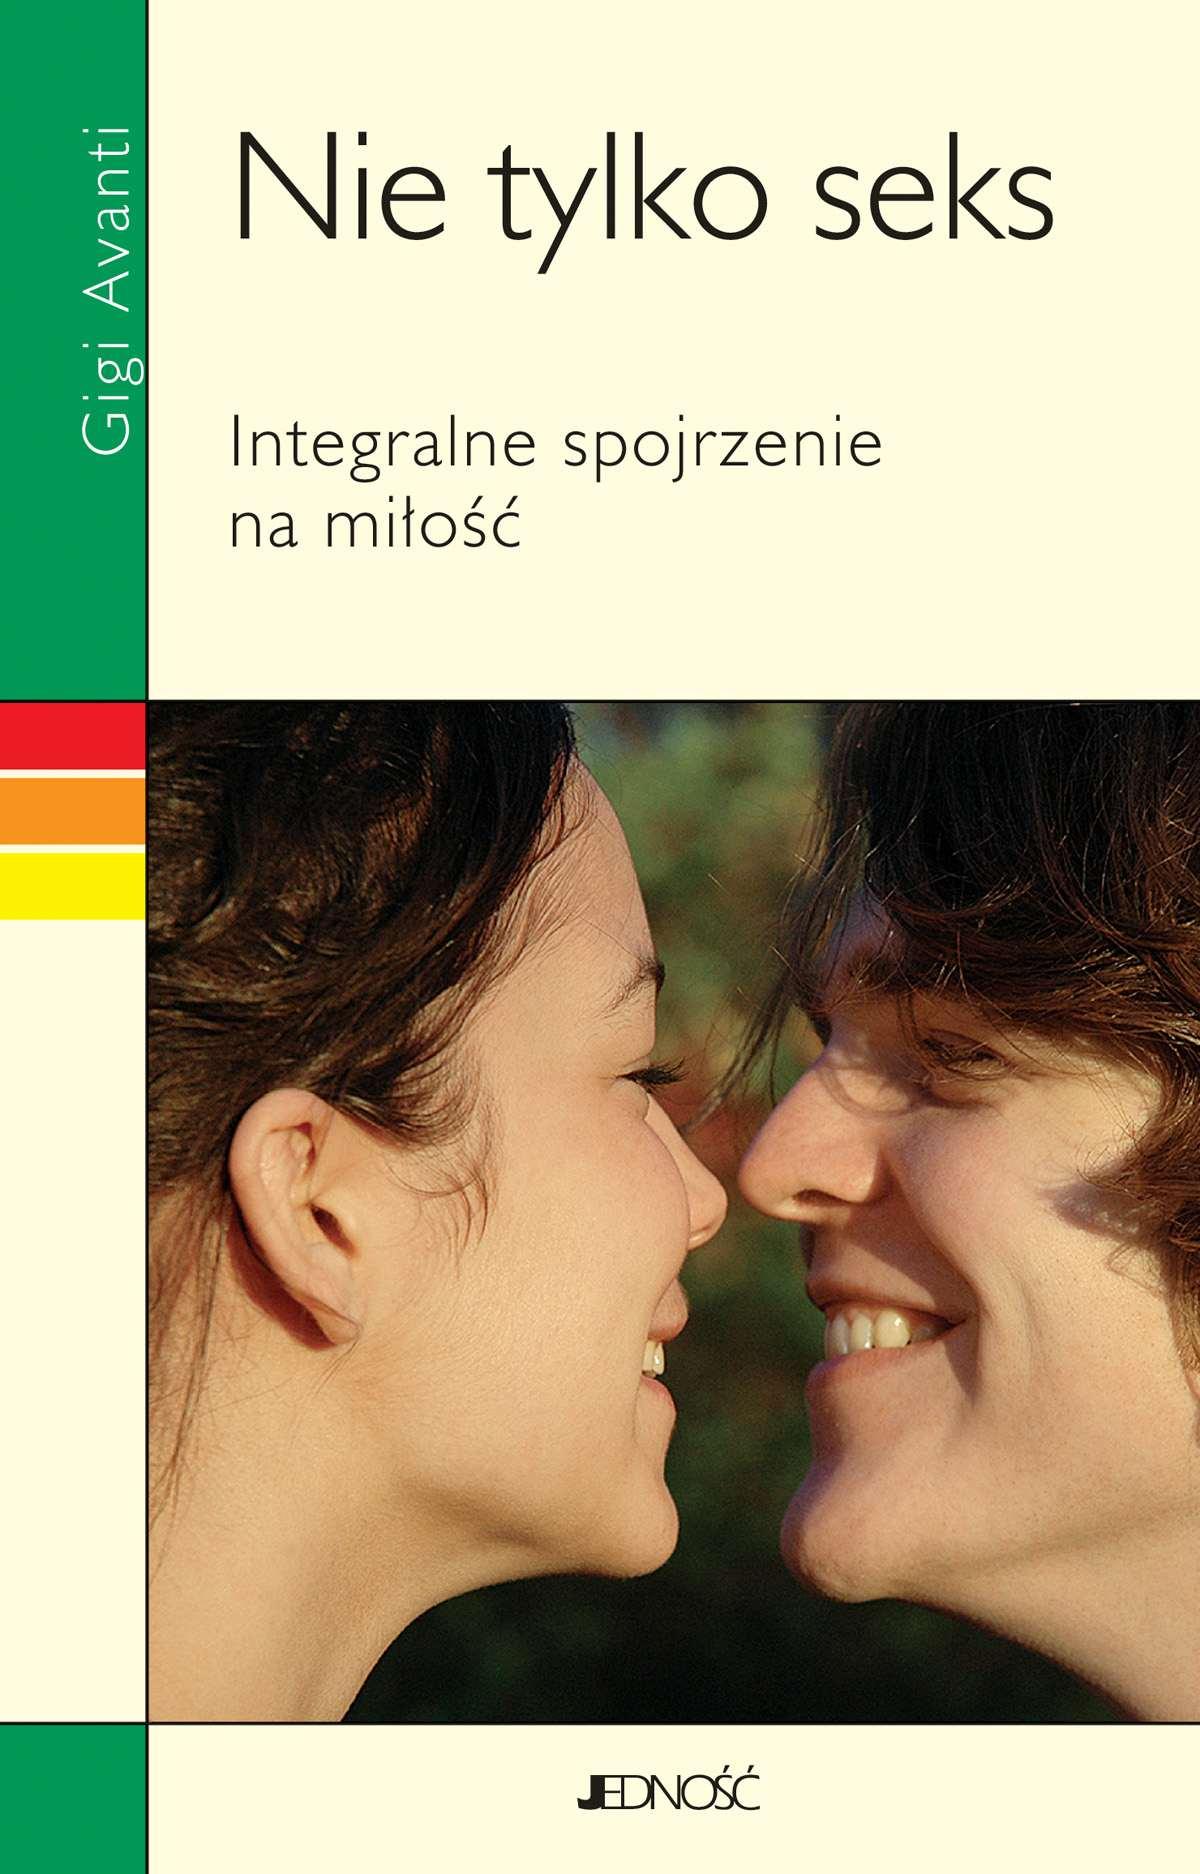 Nie tylko seks. Integralne spojrzenie na miłość. - Ebook (Książka EPUB) do pobrania w formacie EPUB